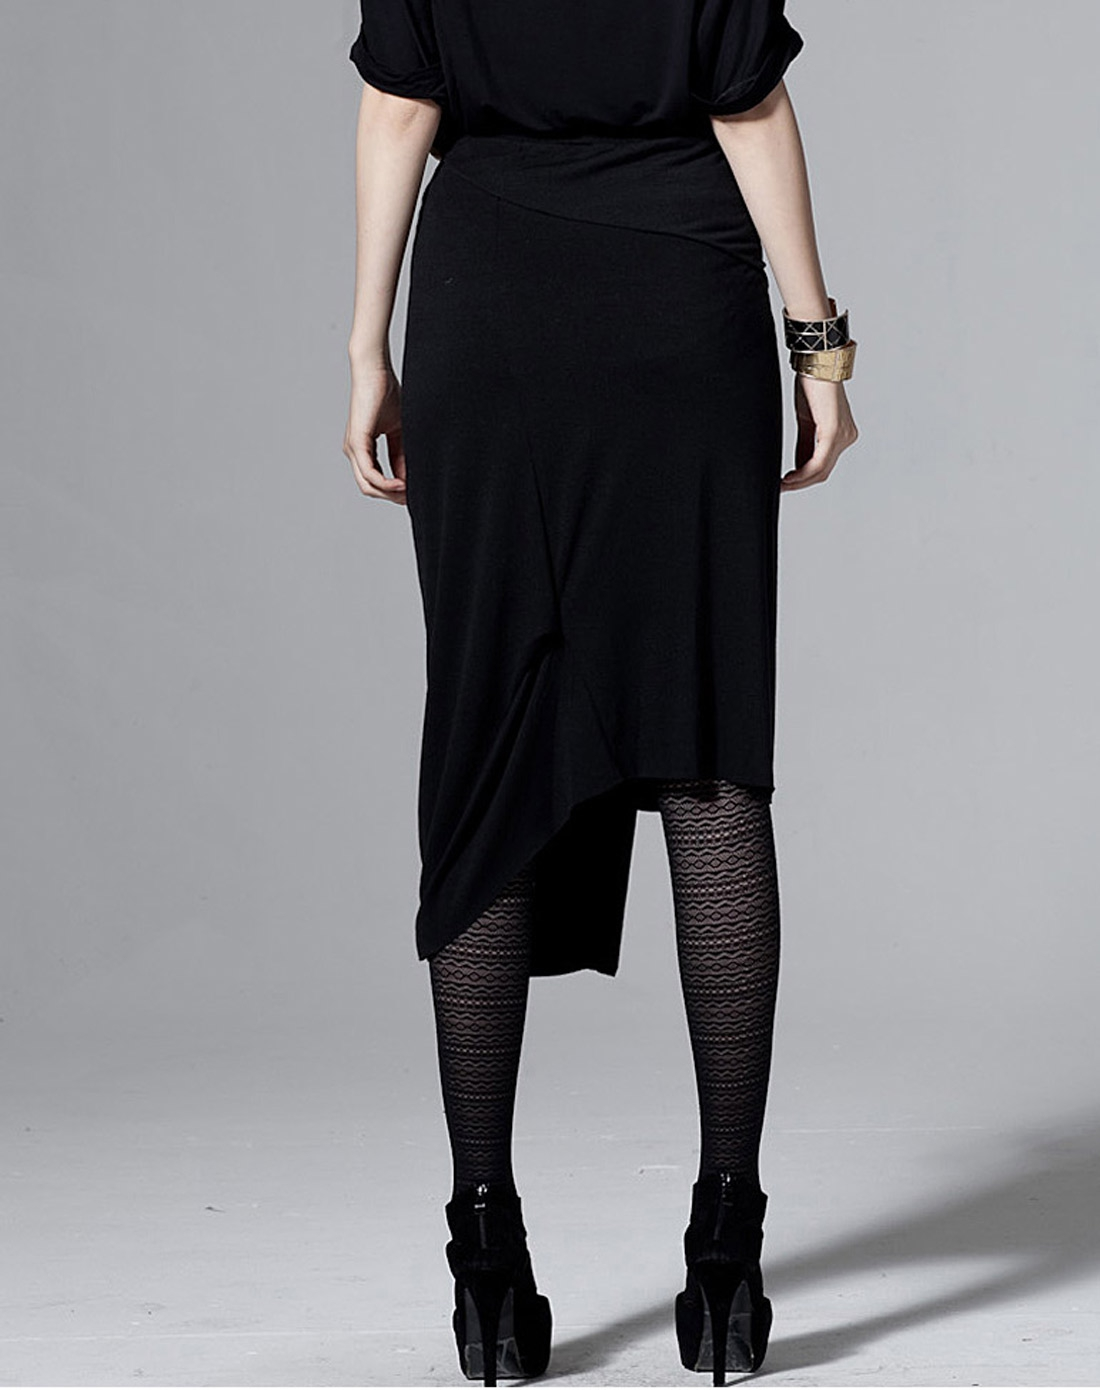 rampage 晨曦包臀结构针织半裙-黑色